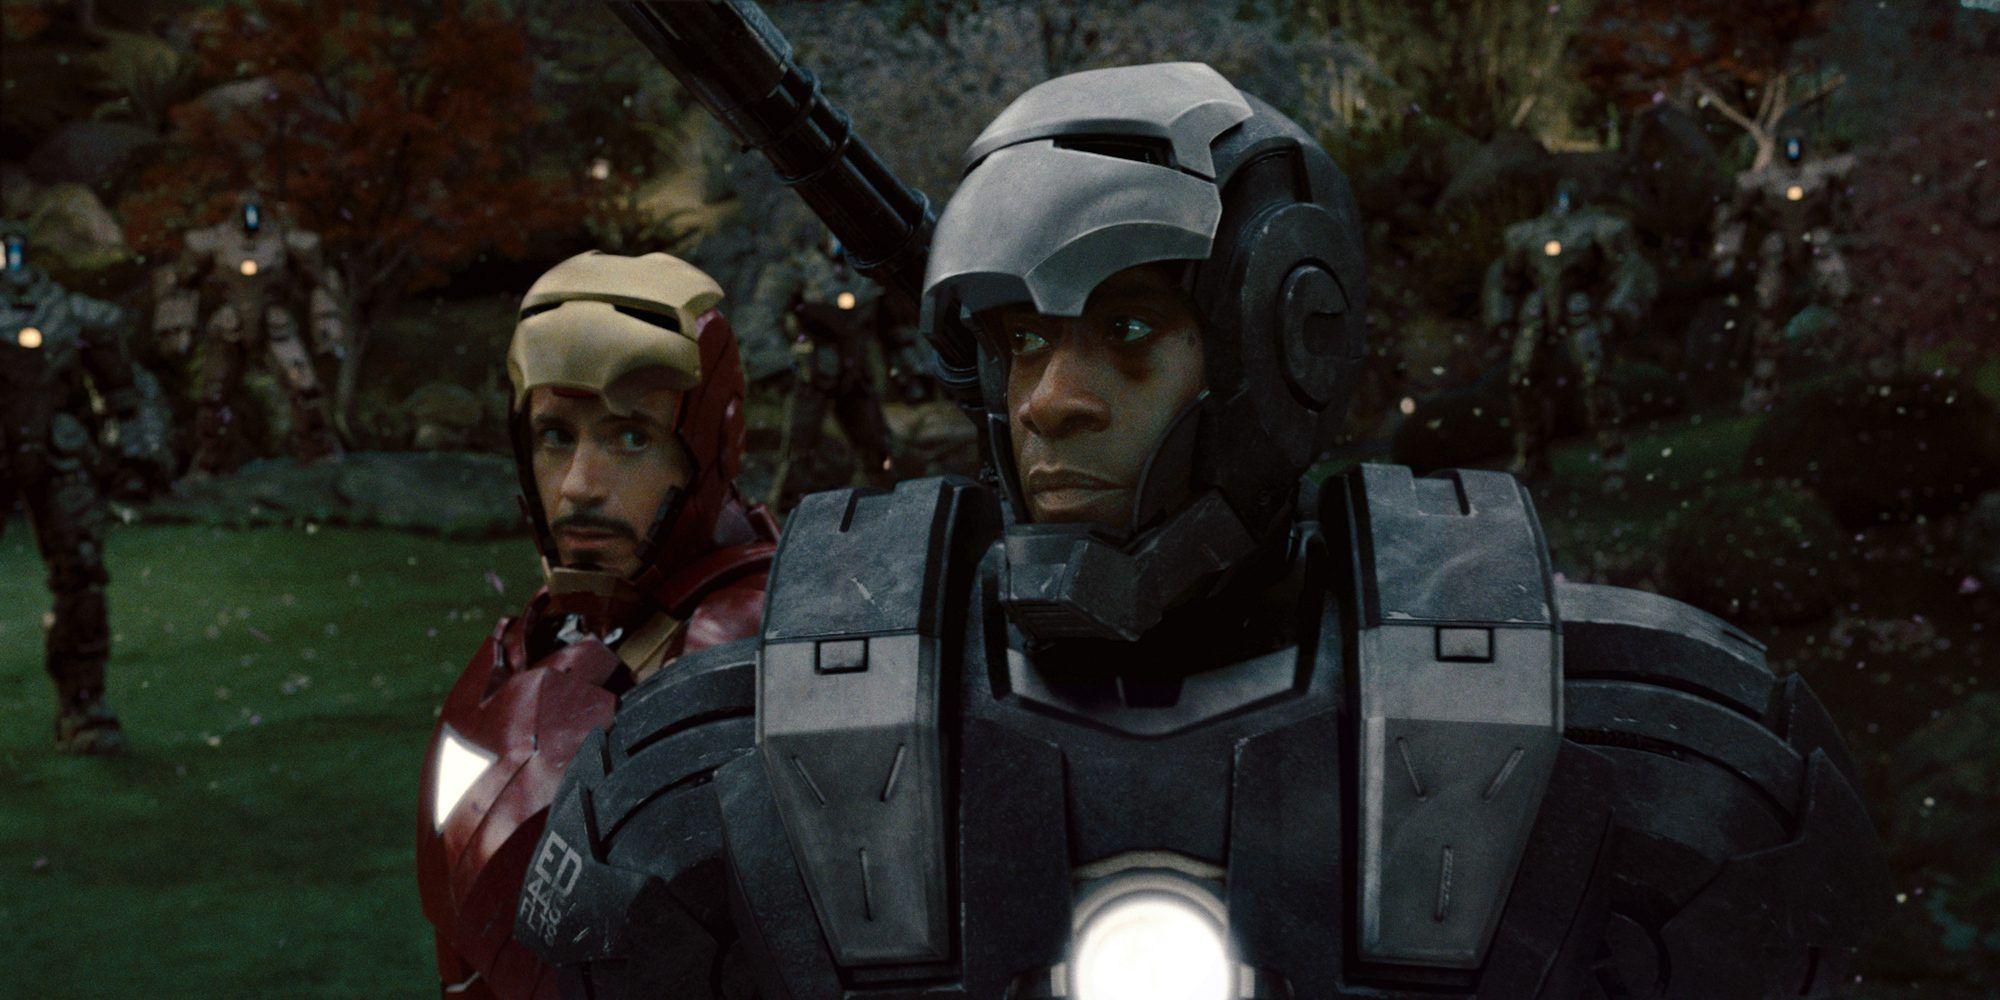 Como o MCU foi feito: 'Homem de Ferro 2' - Problemas de contrato e reformulação quais foram as disputas criativas 2